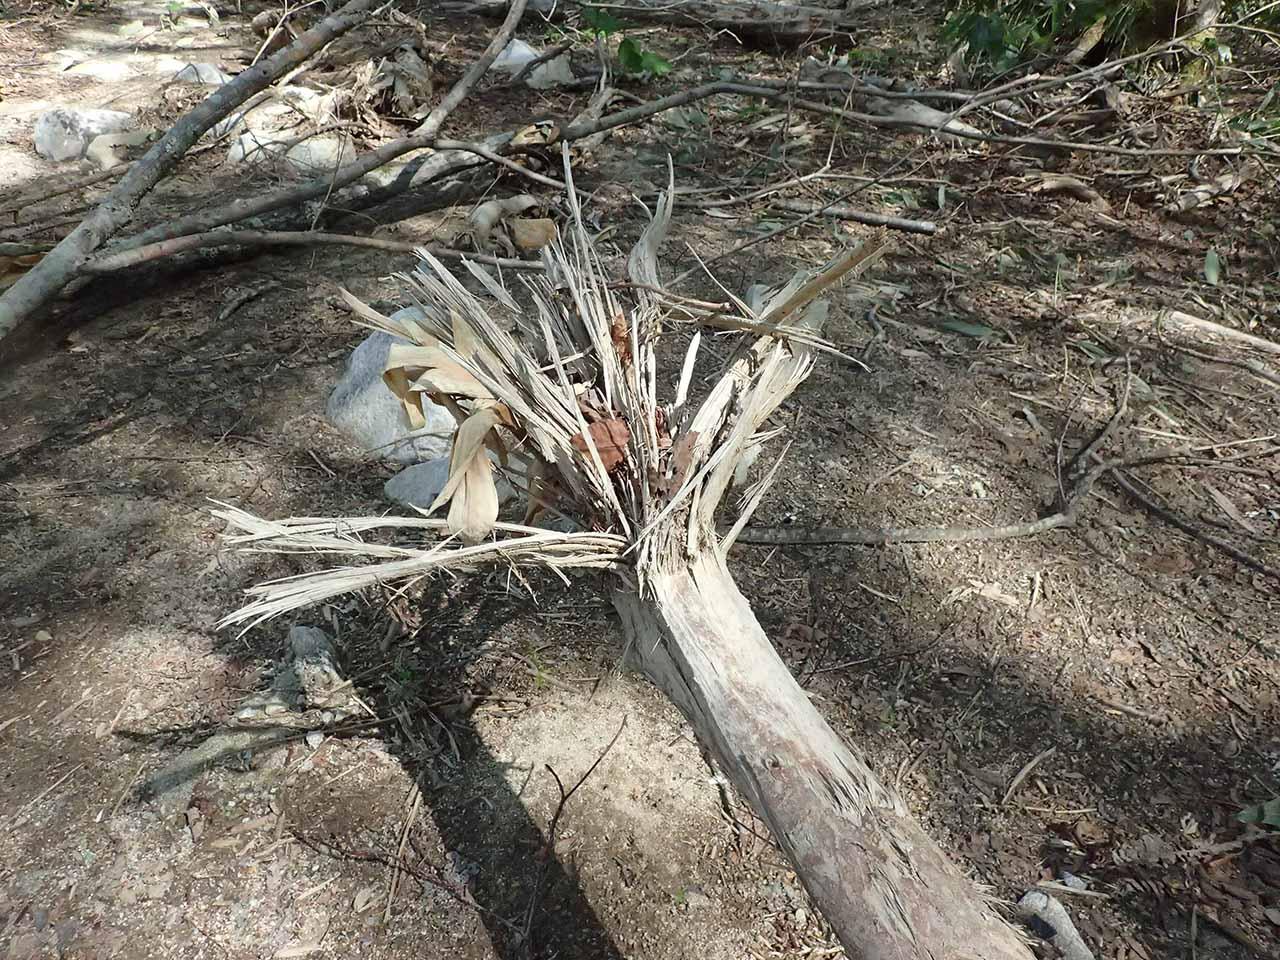 戸蔦別川 洪水 倒木 流木